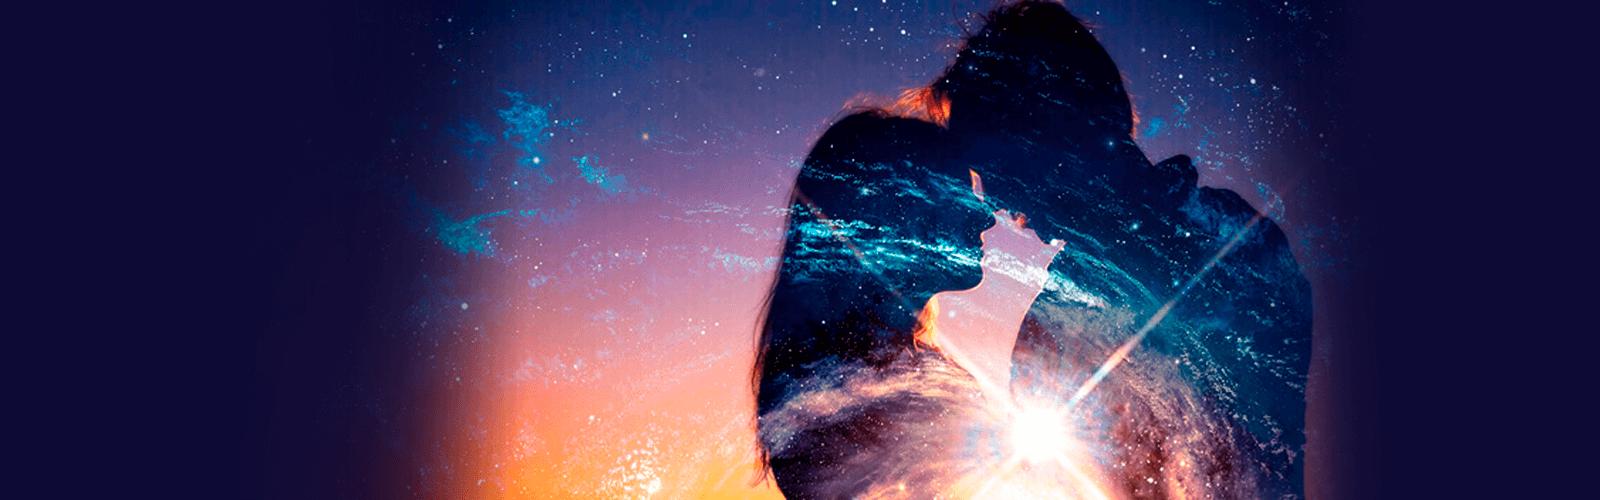 Исследование любви через призму прошлых жизней | Разговор по душам